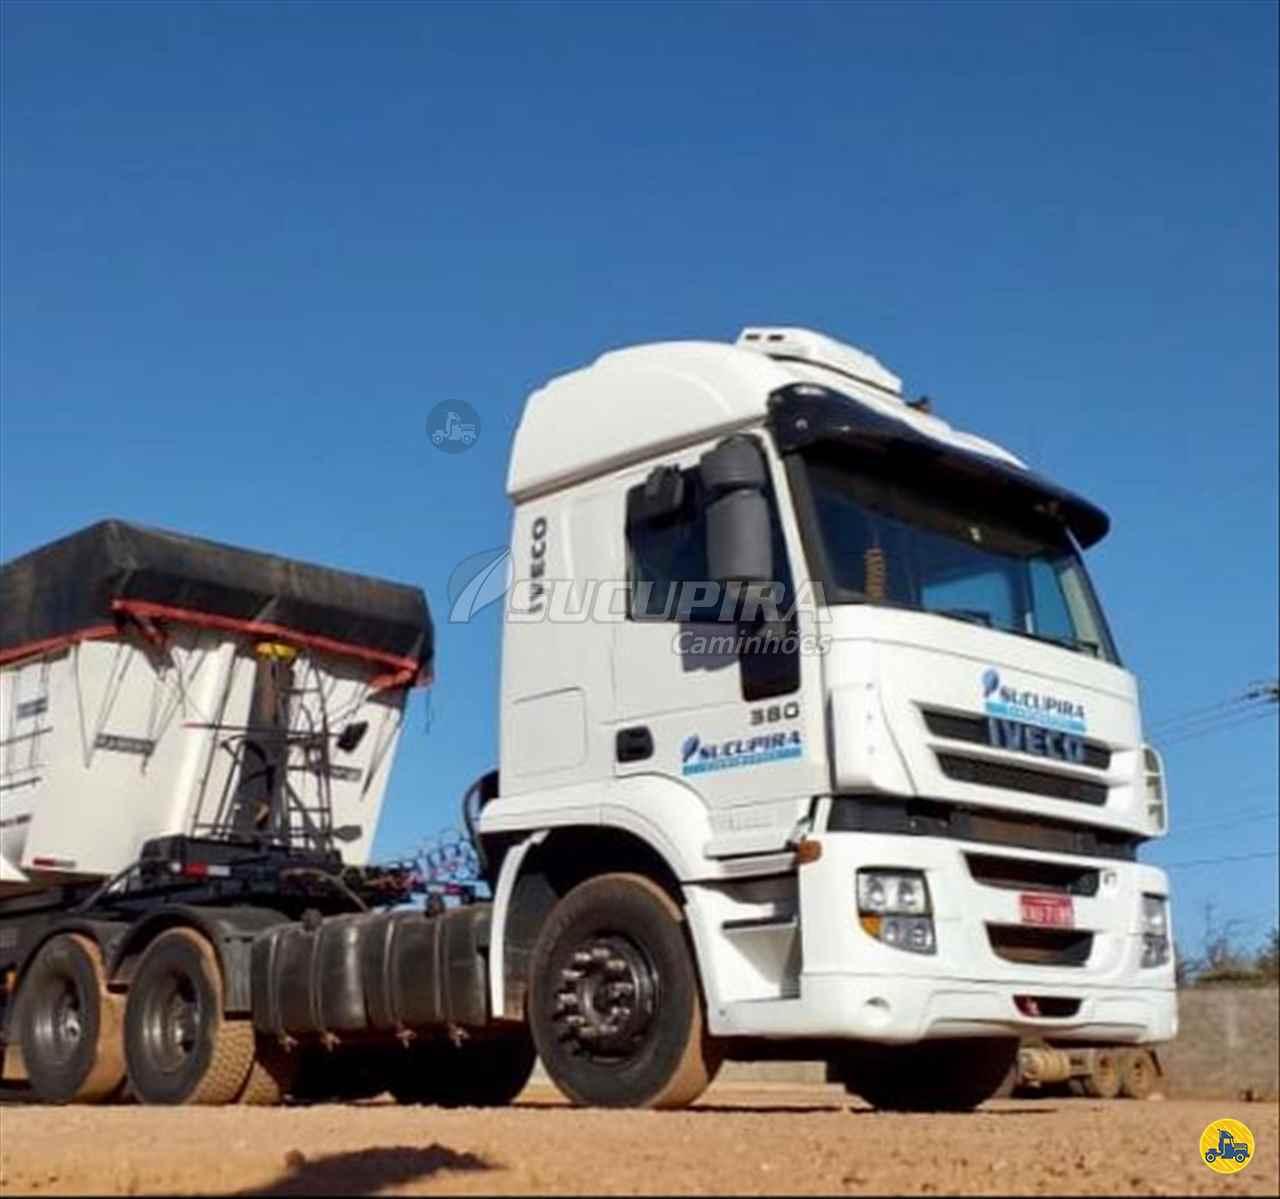 CAMINHAO IVECO STRALIS 380 Cavalo Mecânico Truck 6x2 Sucupira Caminhões RONDONOPOLIS MATO GROSSO MT